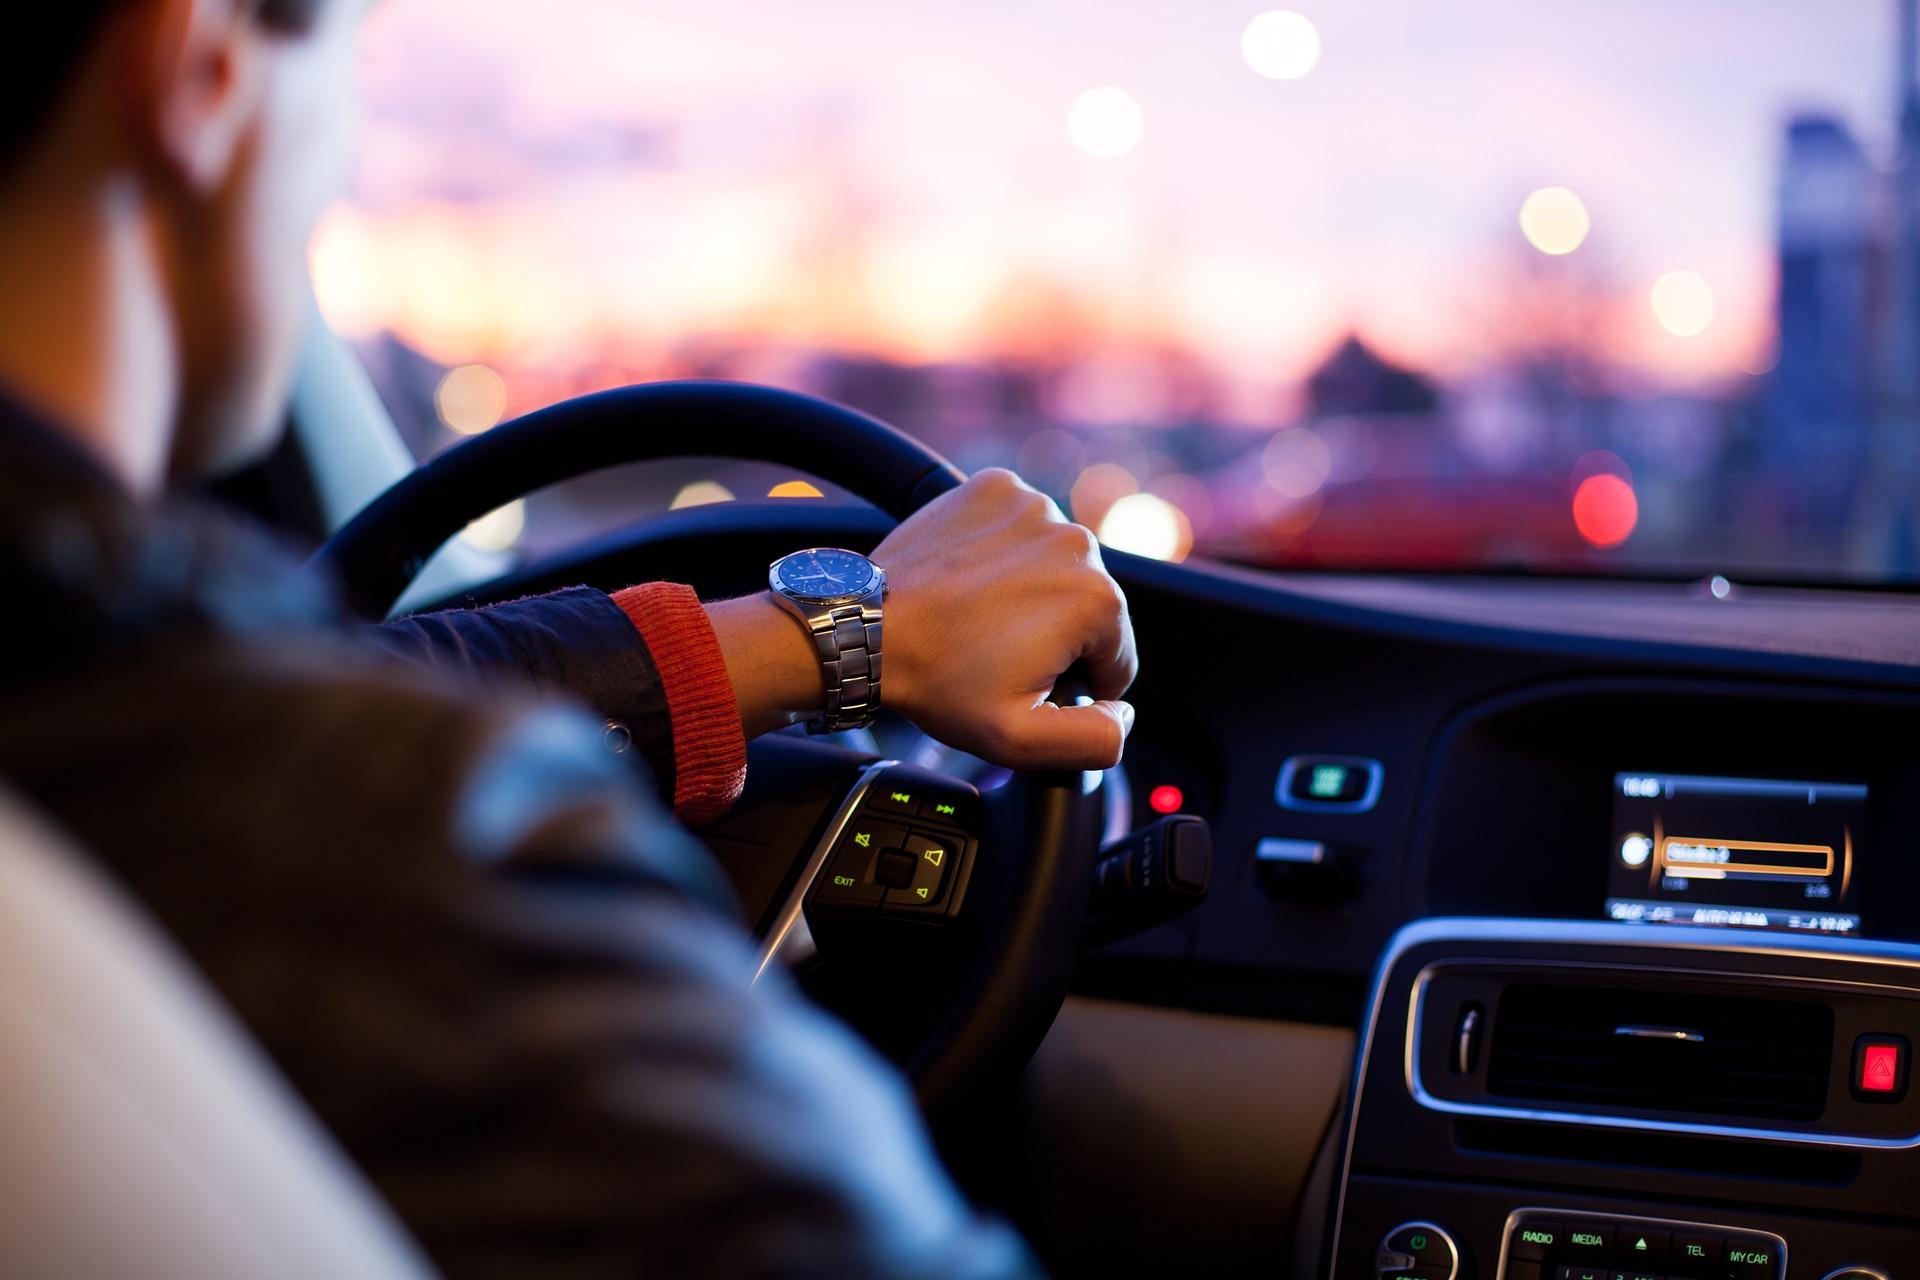 タクシーに乗るときに想定される他のシーンに使える英語フレーズ